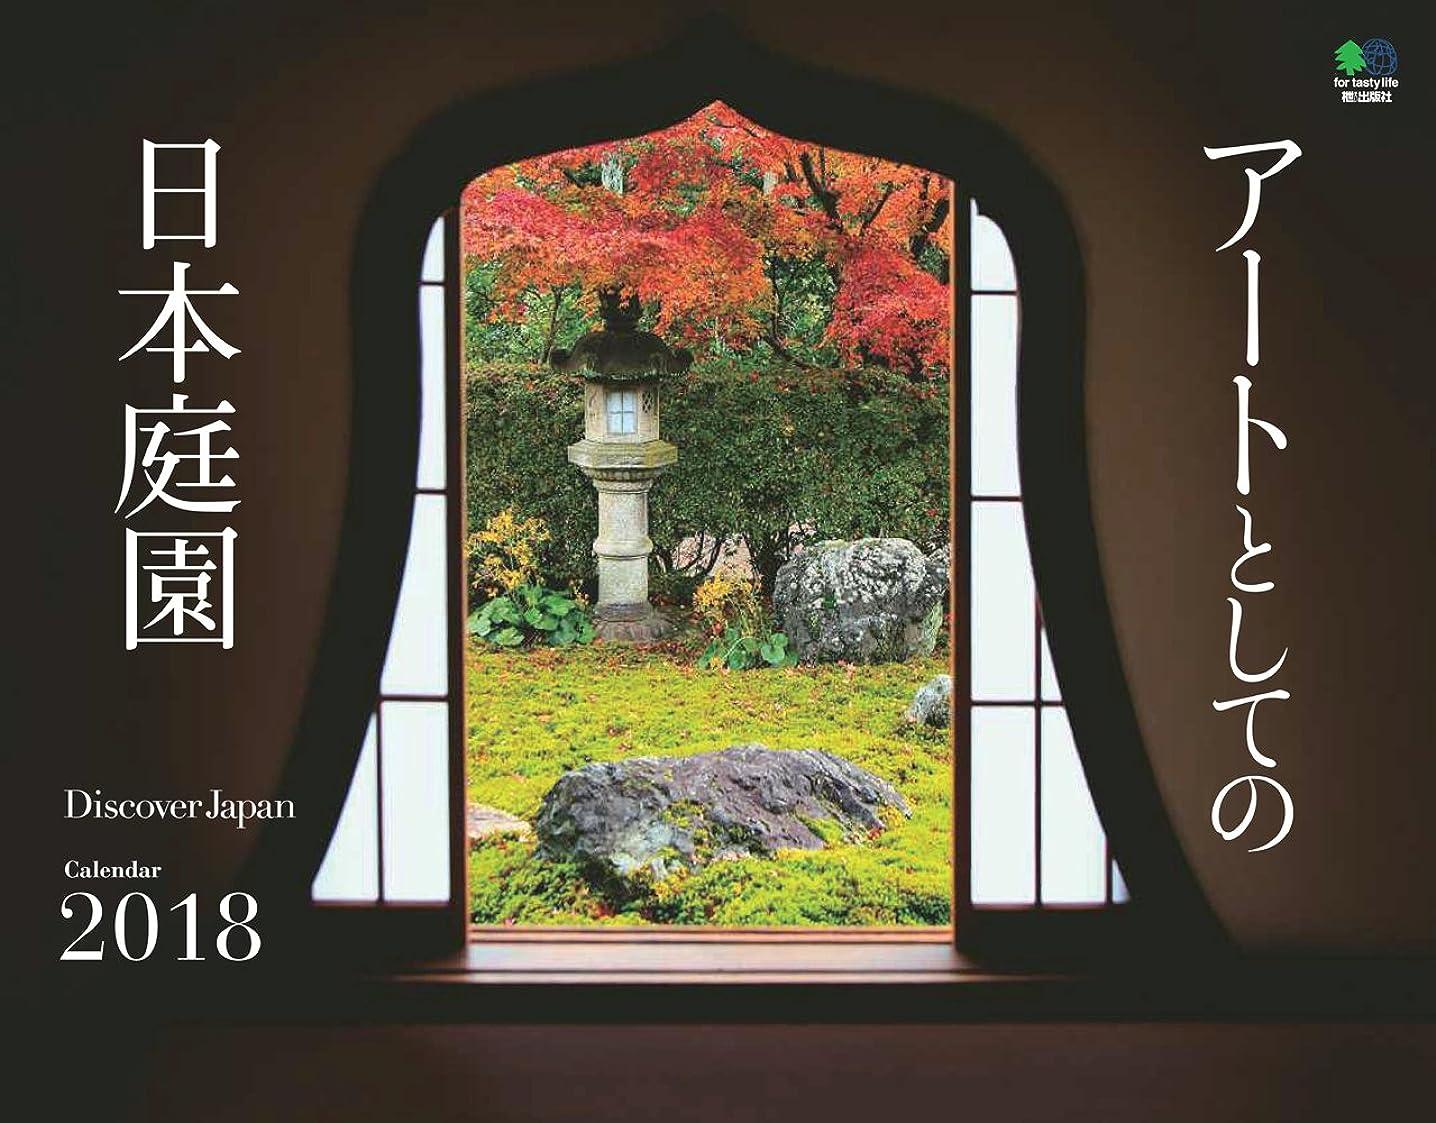 入浴ただ救急車カレンダー2018 アートとしての日本庭園 (エイ スタイル?カレンダー)